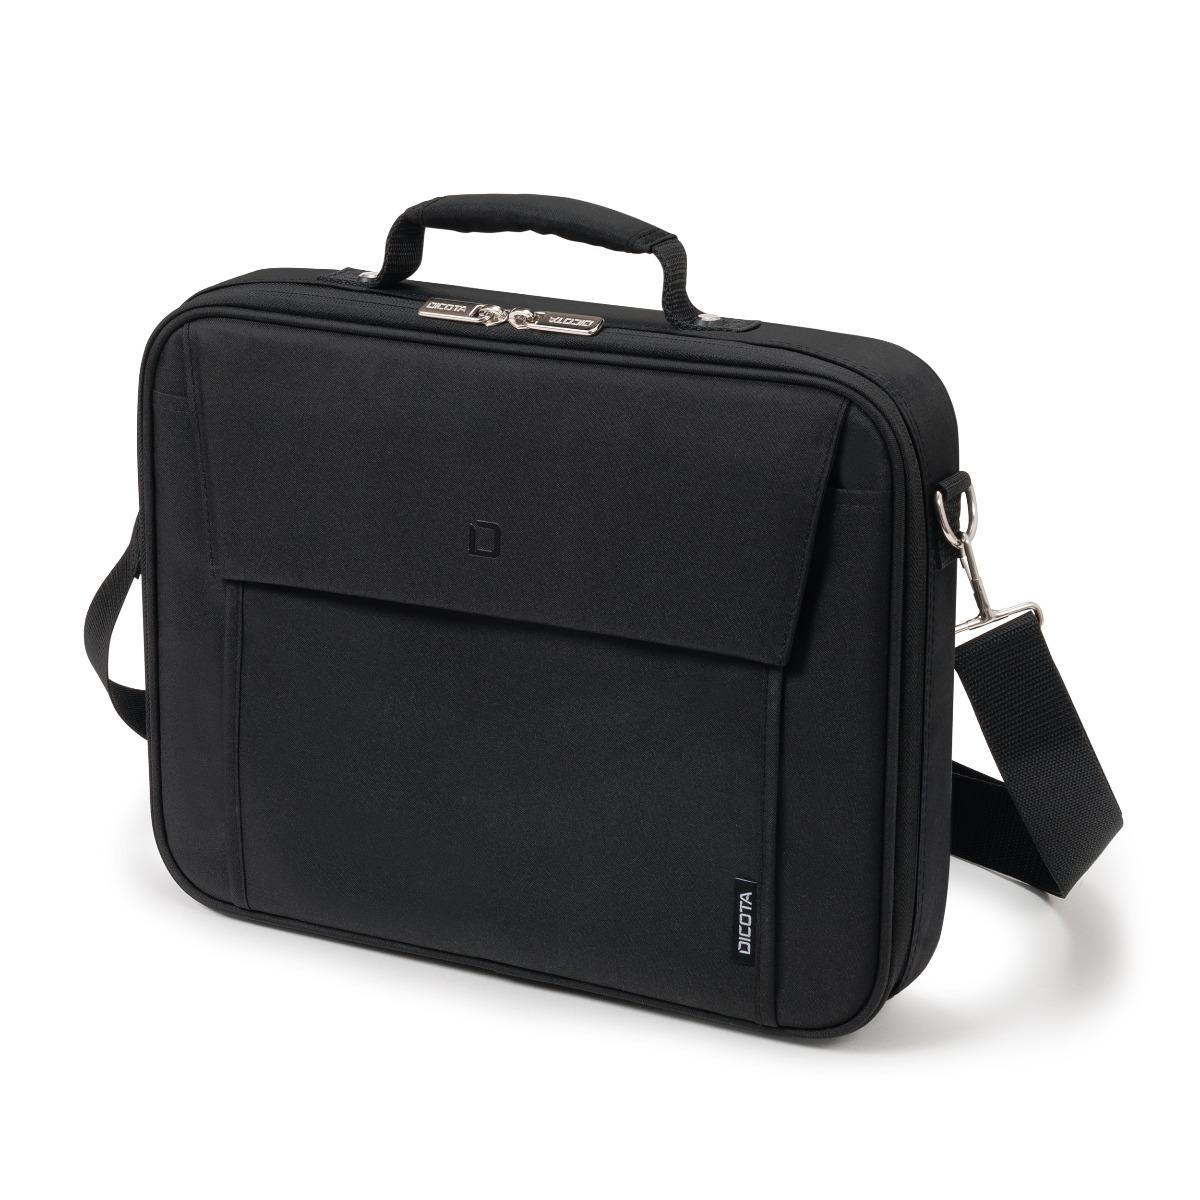 """Notebook-Tasche Dicota Multi Base (bis 17.3"""", Polyester, Reißverschluss, abnehmbarer Schultergurt, Außentasche vorne, Tragegriff)"""